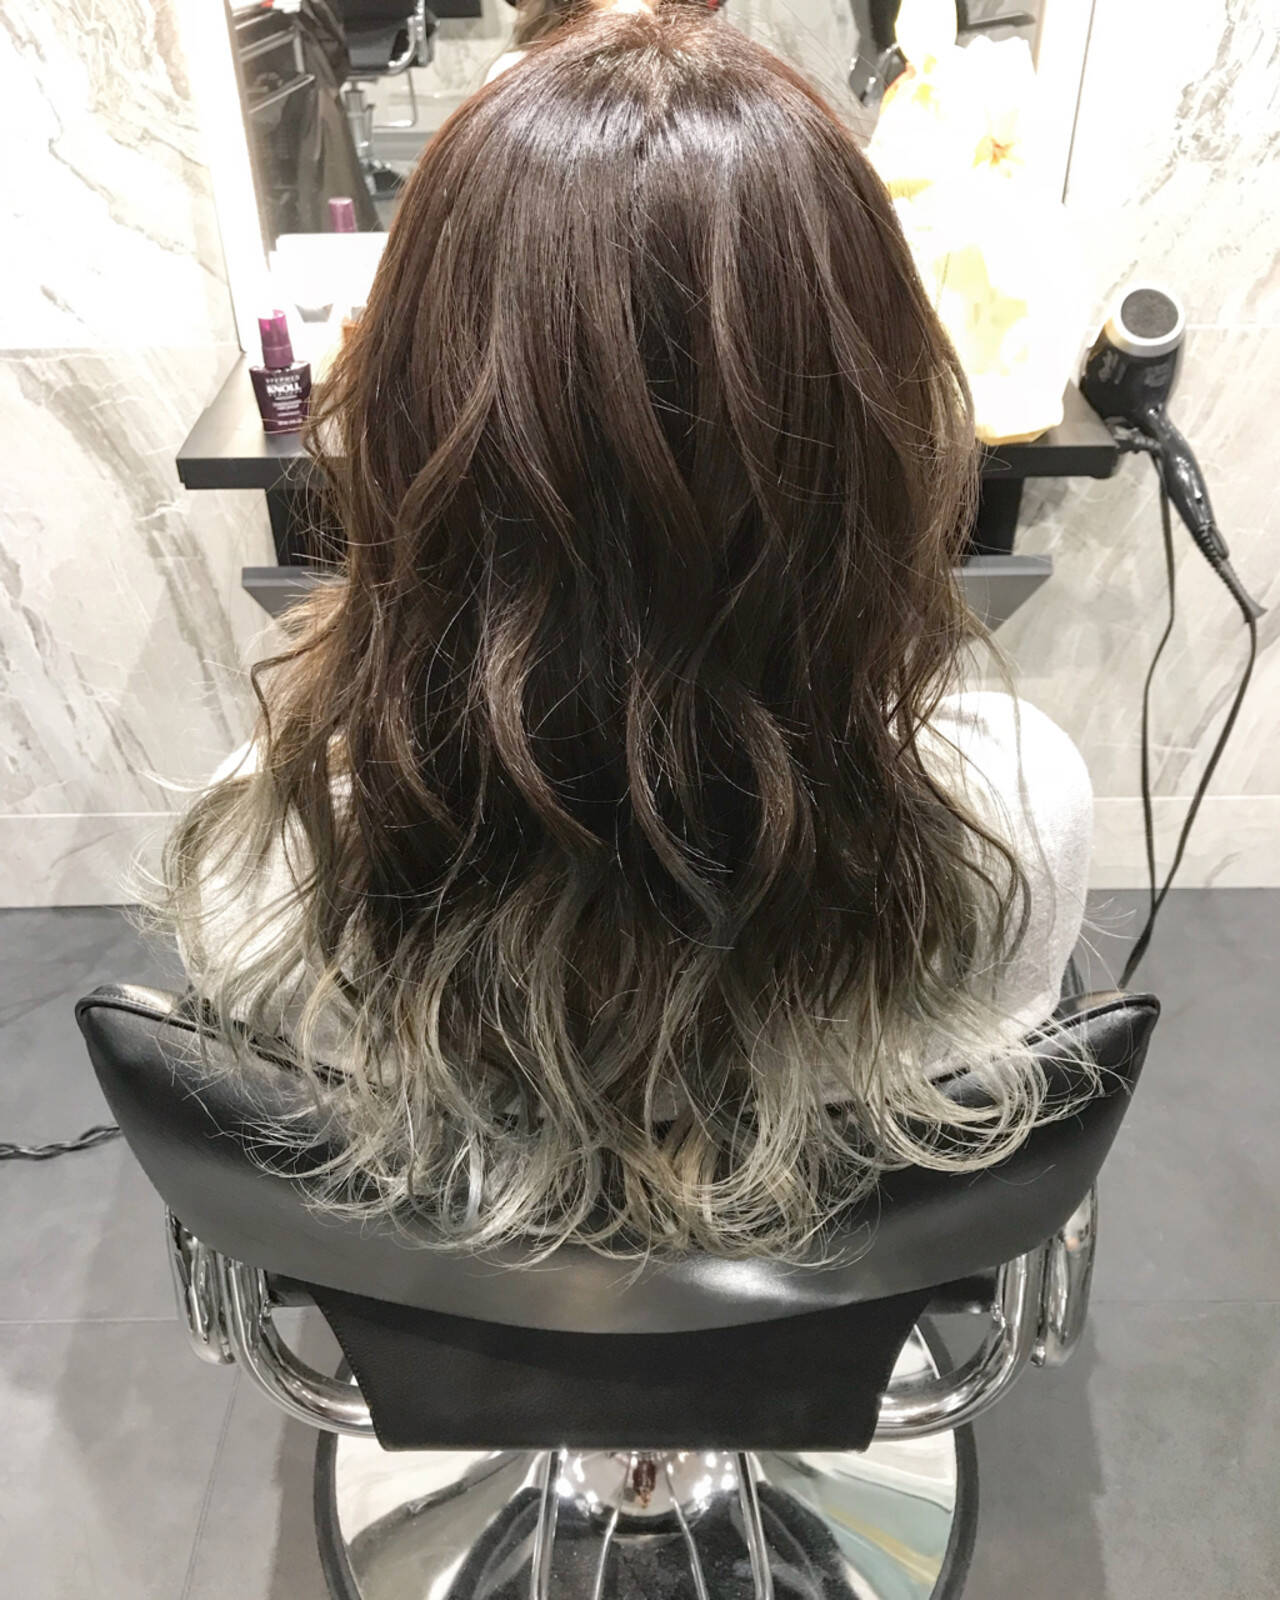 外国人風 グラデーションカラー エレガント バレイヤージュヘアスタイルや髪型の写真・画像